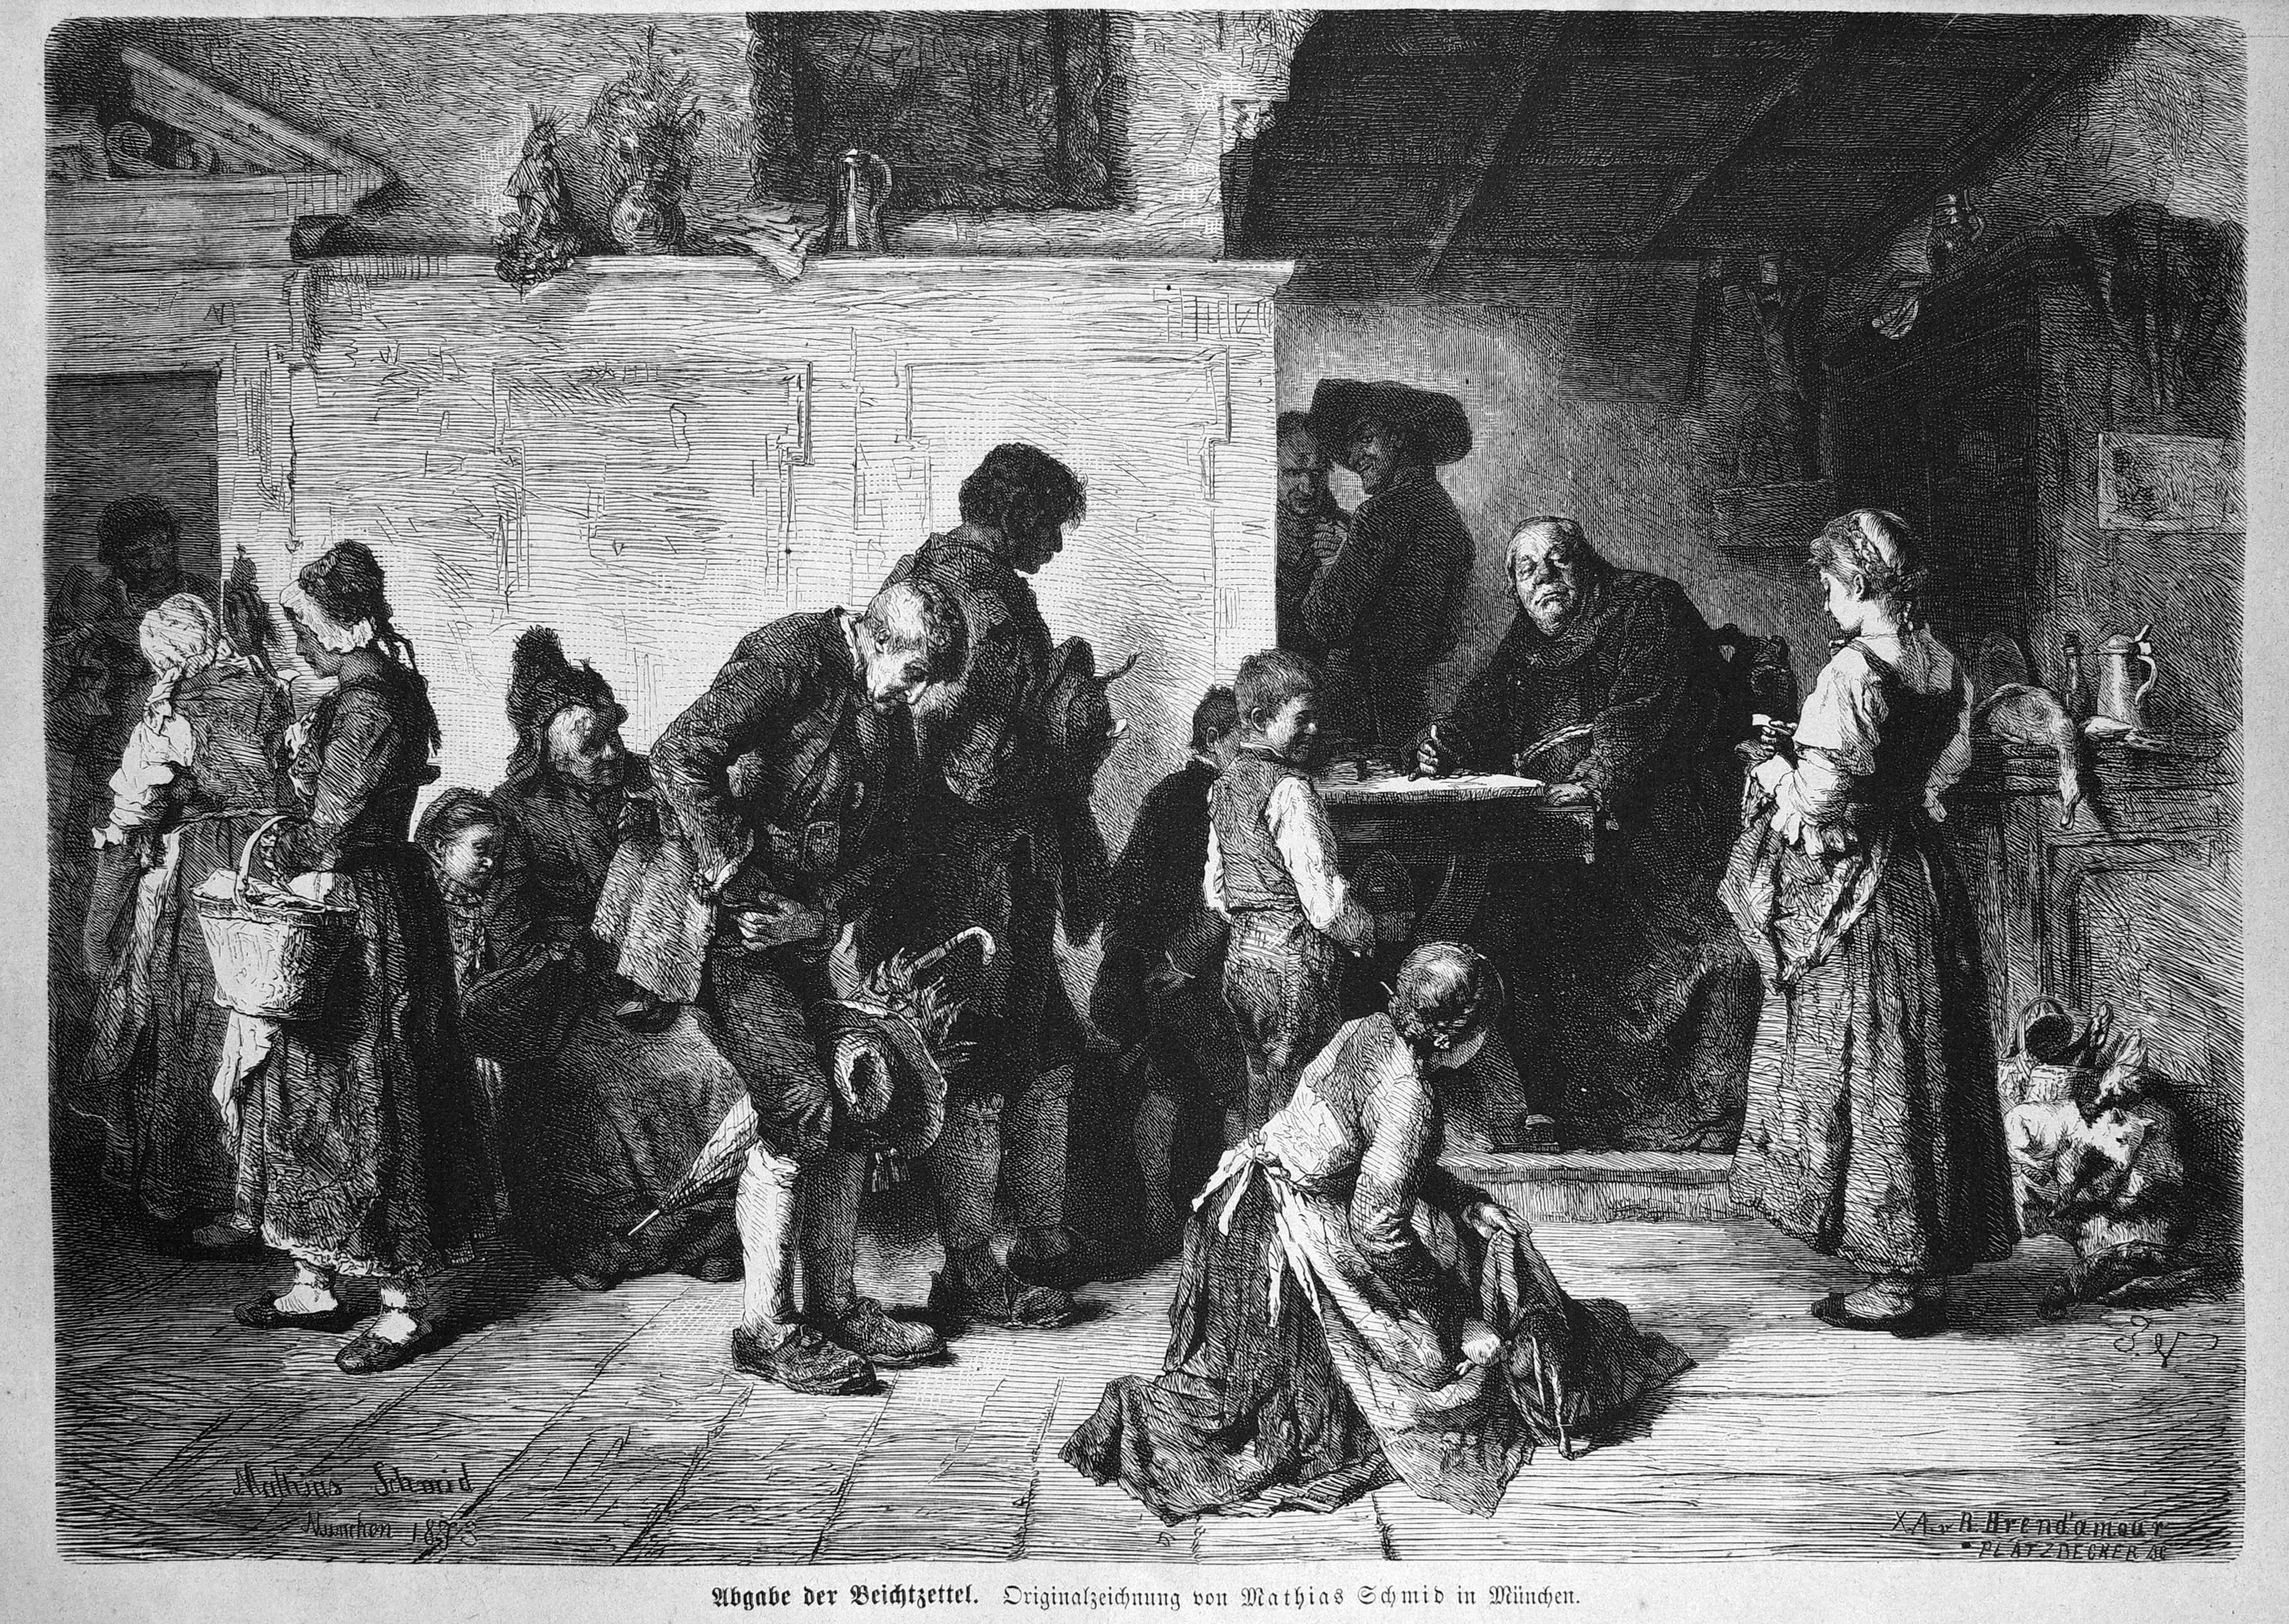 File:Die Gartenlaube (1874) b 175.jpg